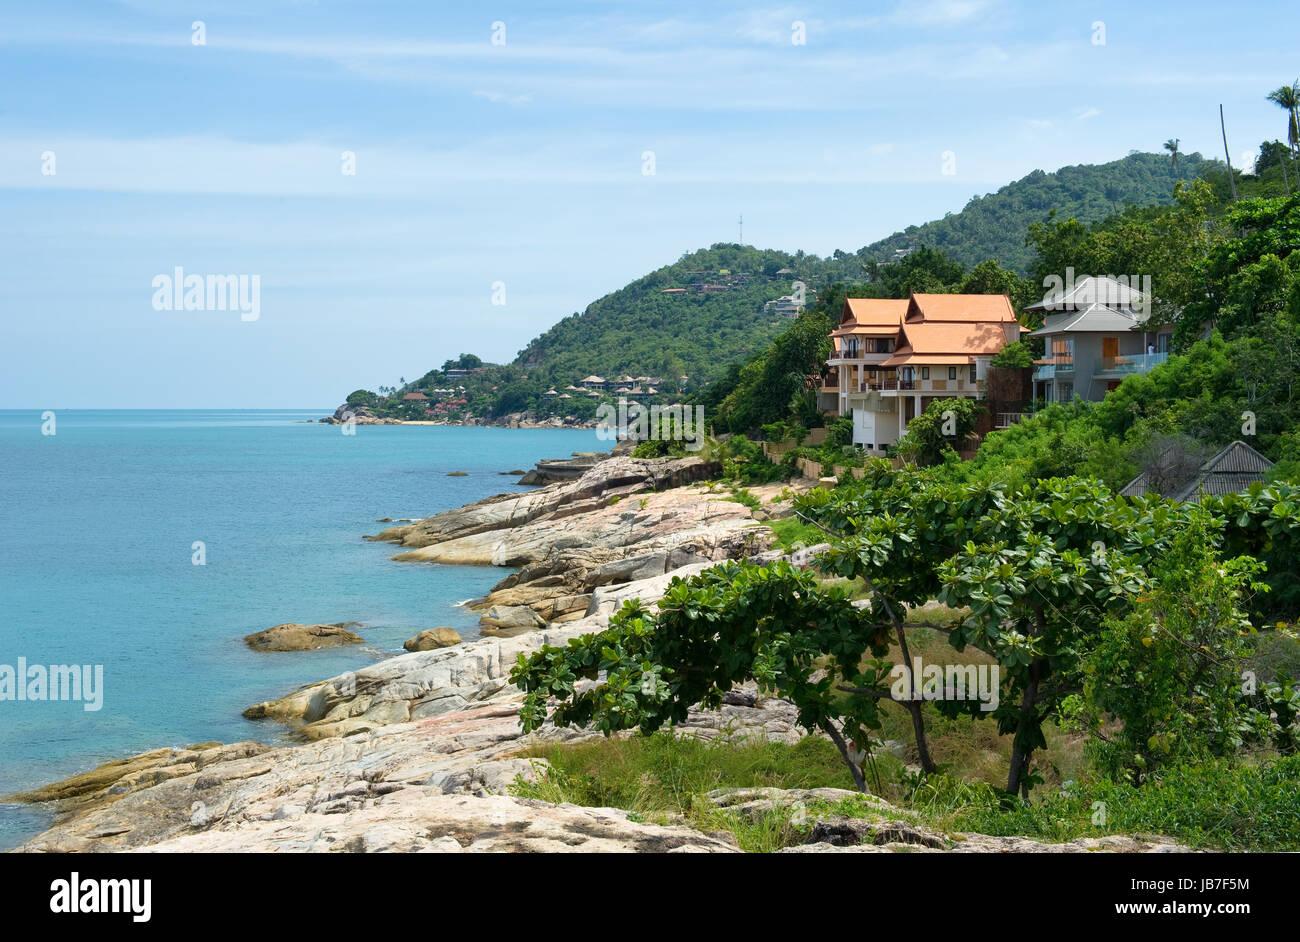 Beautiful tropical beach, Thailand, Lamai beach - Stock Image